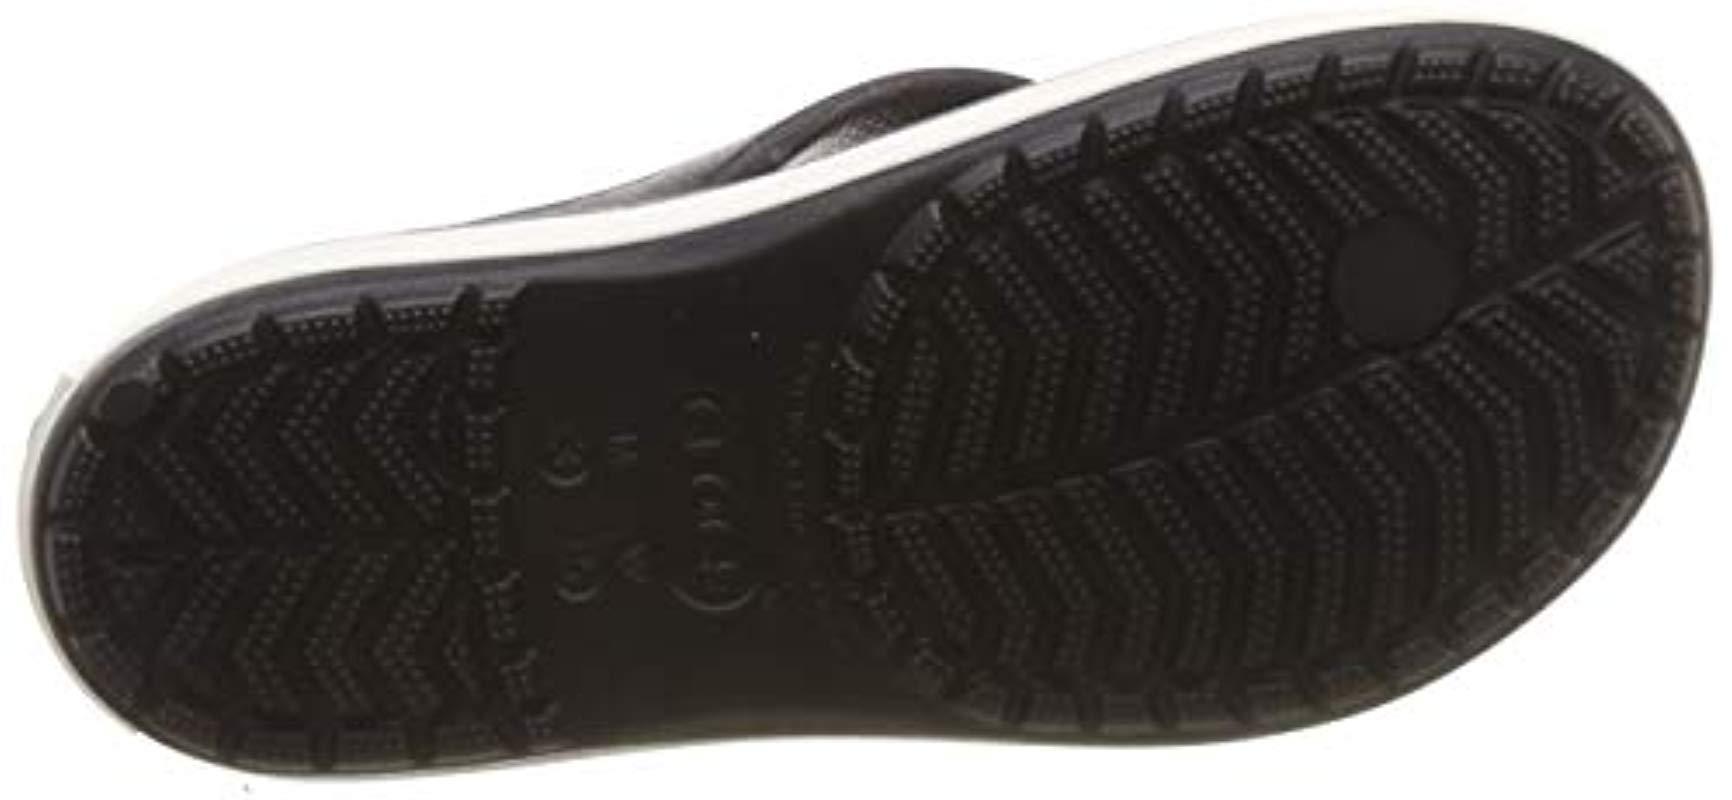 2b7193ec1e55 Crocs™ - Black Crocband Platform Flip Flop - Lyst. View fullscreen